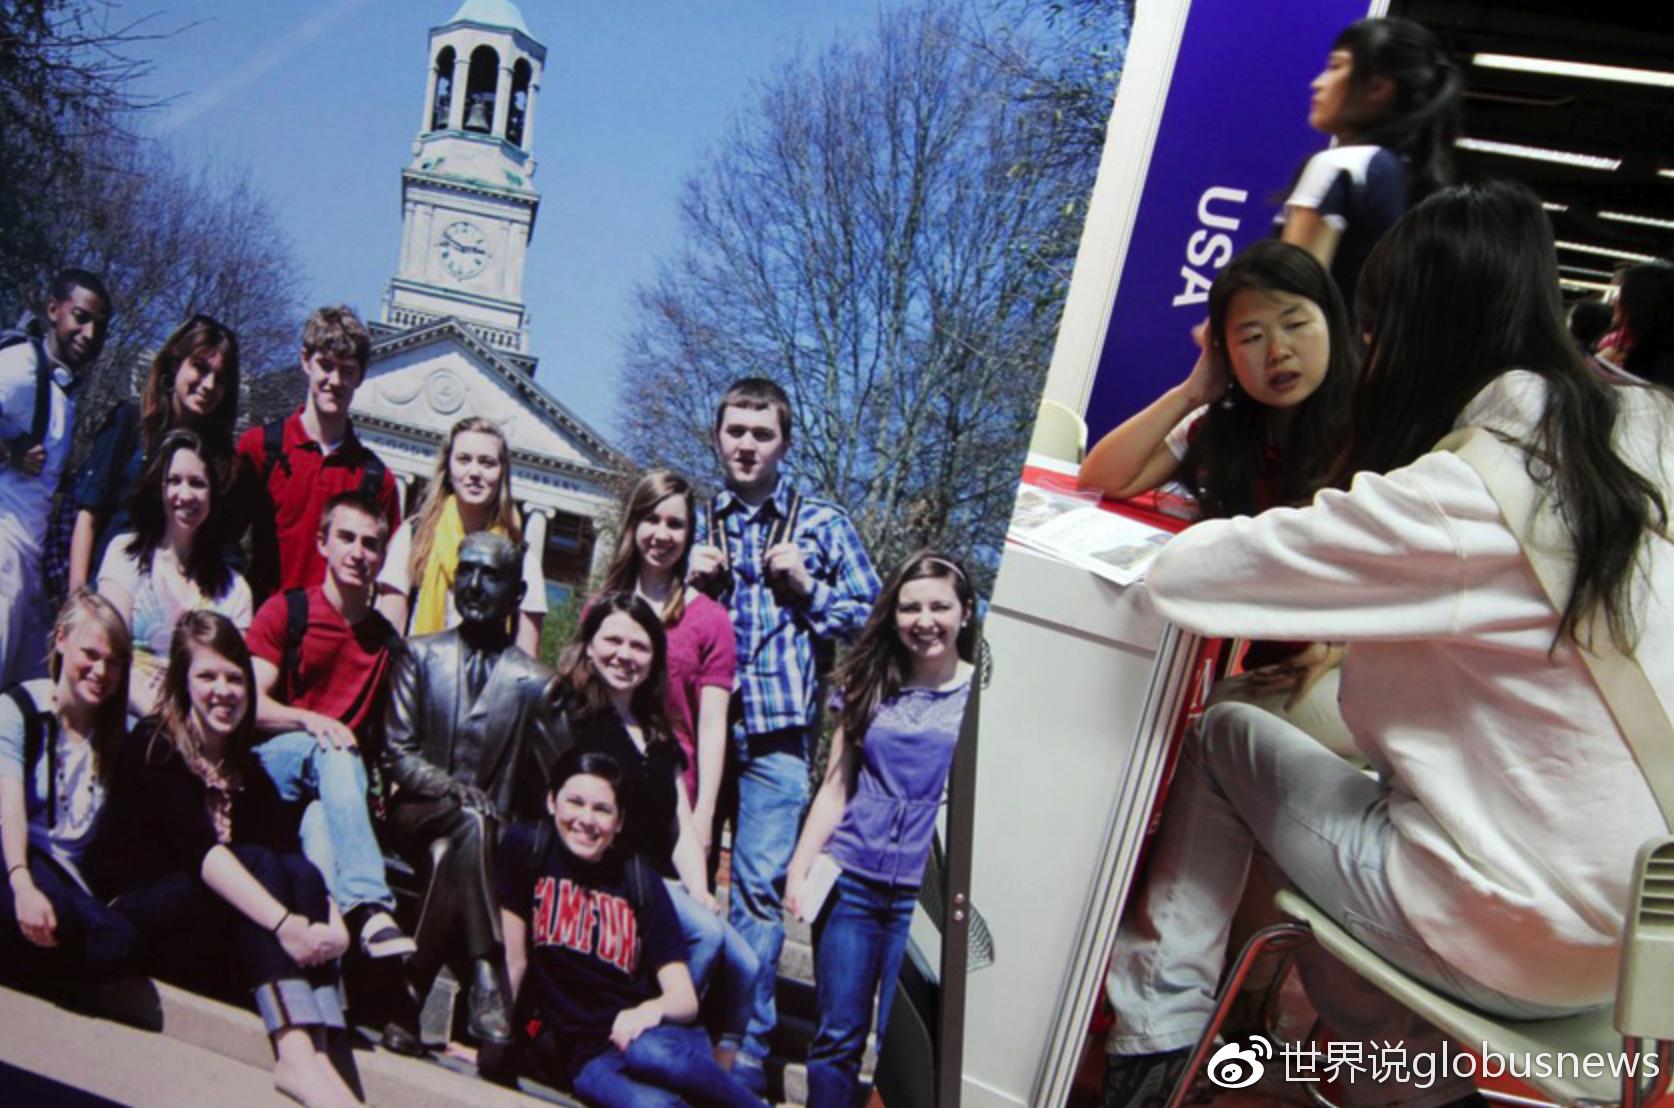 2011年中国国际教育展在北京国际贸易中心开幕,参观者在咨询留学问题来源:视觉中国